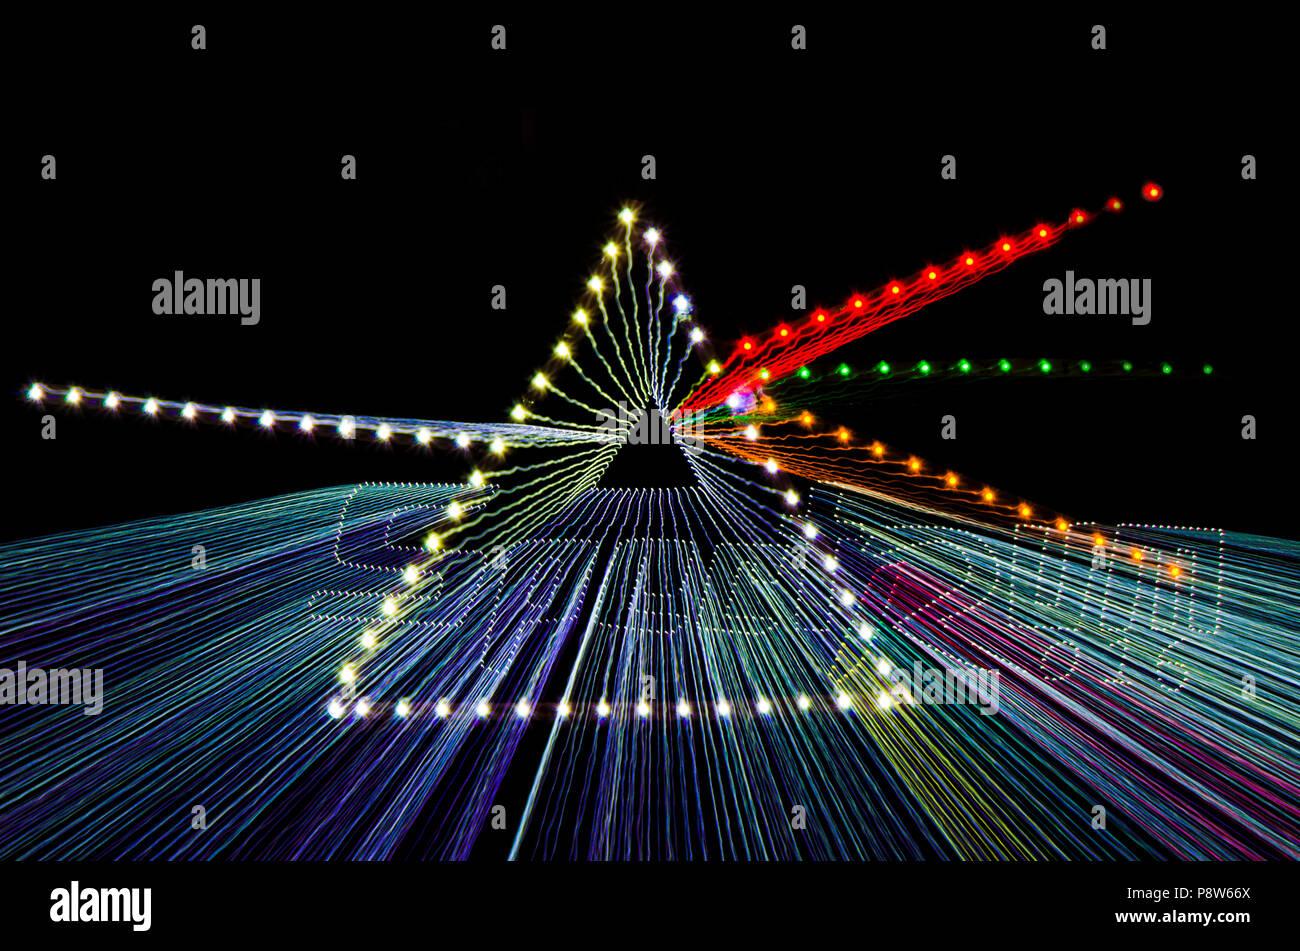 Raffica di zoom, illusorie immagine del concetto di bianco di dispersione della luce attraverso un prisma ha montrato utilizzando diversi colori delle lampadine a LED su sfondo nero. Immagini Stock